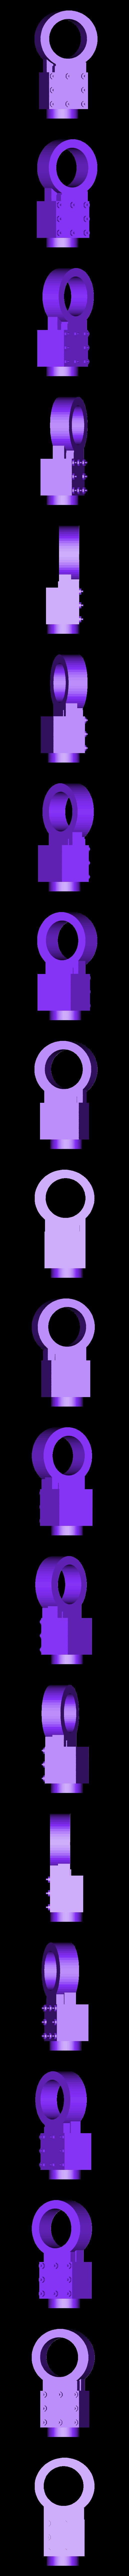 arm B.stl Télécharger fichier STL Ork Tank / Canon d'assaut 28mm optimisé pour FDM Printing • Modèle pour imprimante 3D, redstarkits